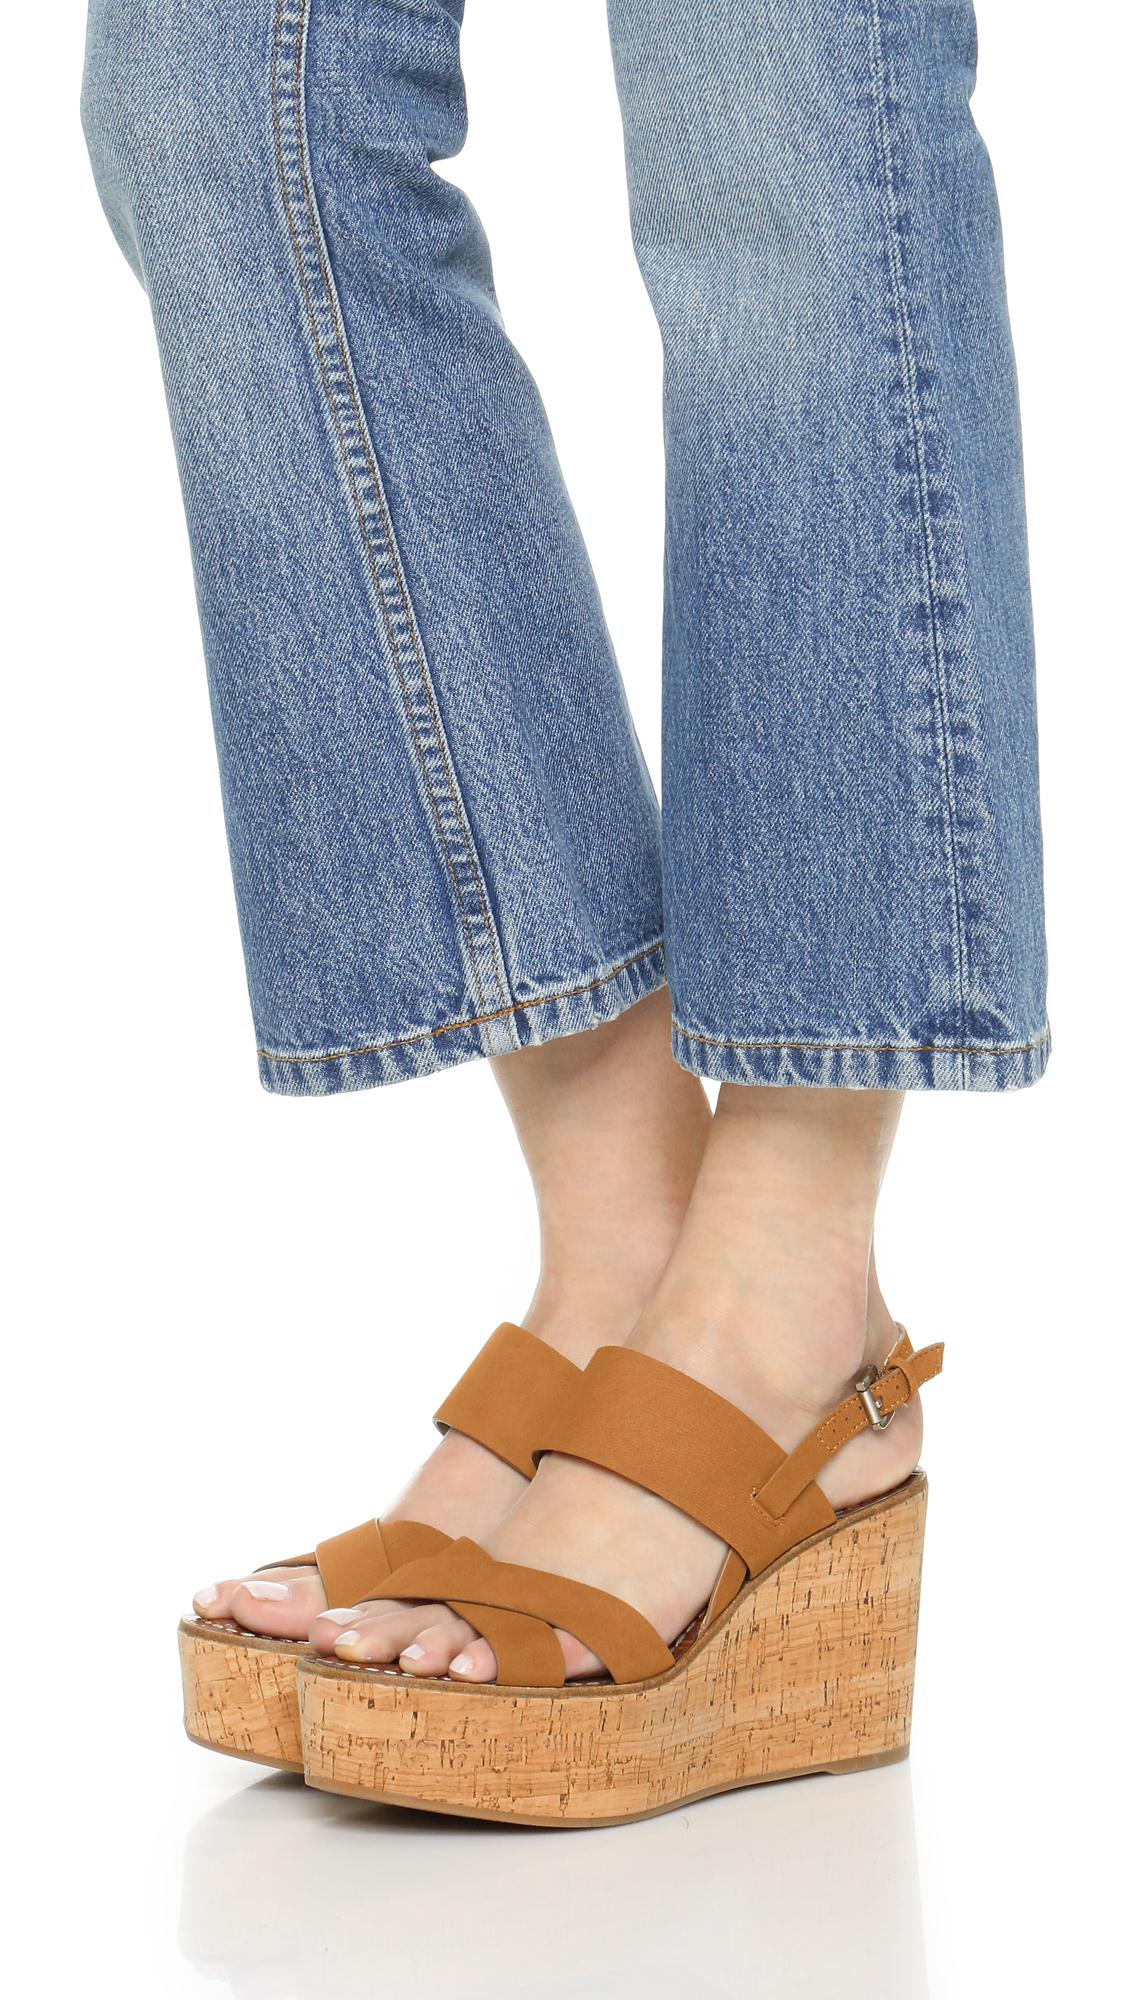 e5ac4a8195a Sam Edelman Destiny Wedge Sandals